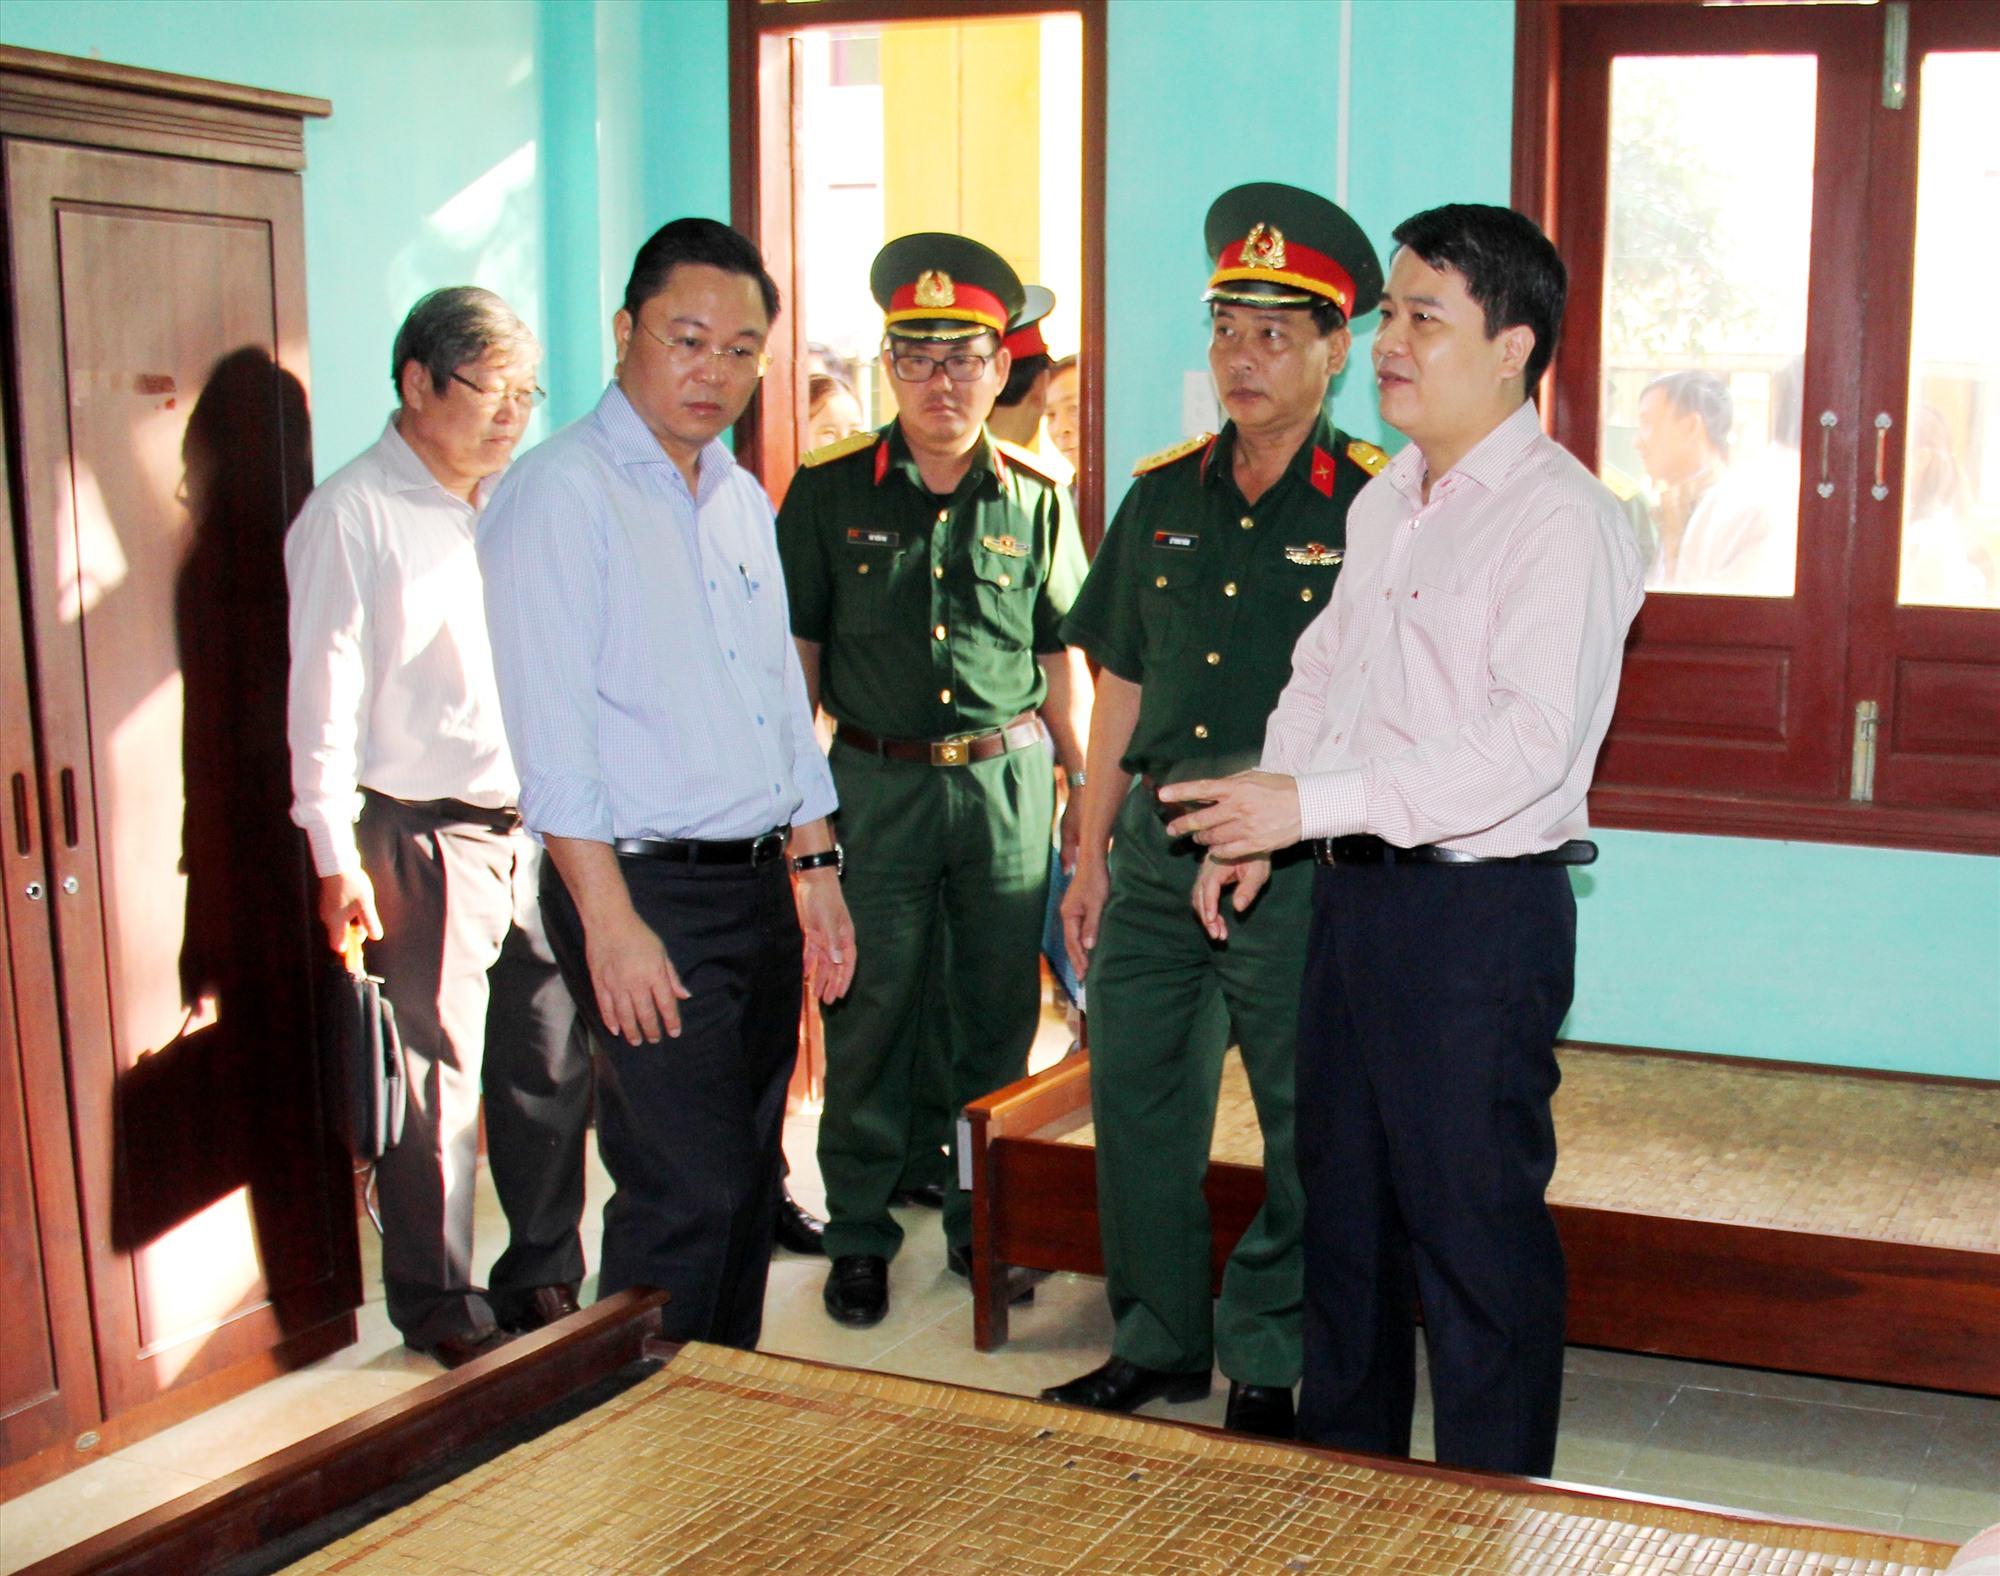 Chủ tịch UBND tỉnh Lê Trí Thanh kiểm tra điều kiện phòng ốc tại khu cách ly. Ảnh: ALĂNG NGƯỚC